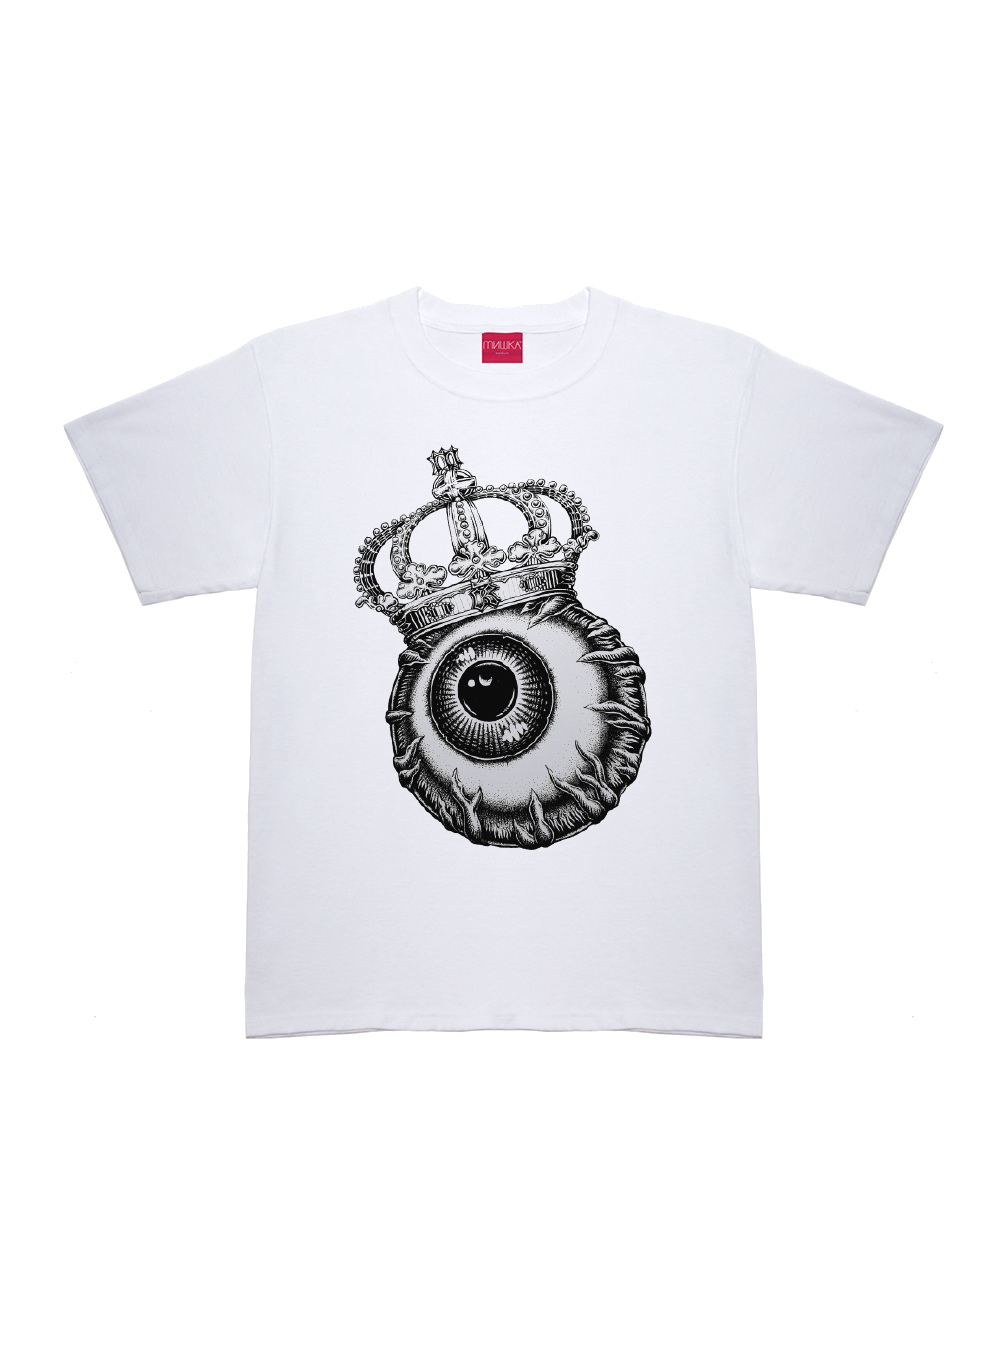 Hazelip Keep Watch T-Shirt